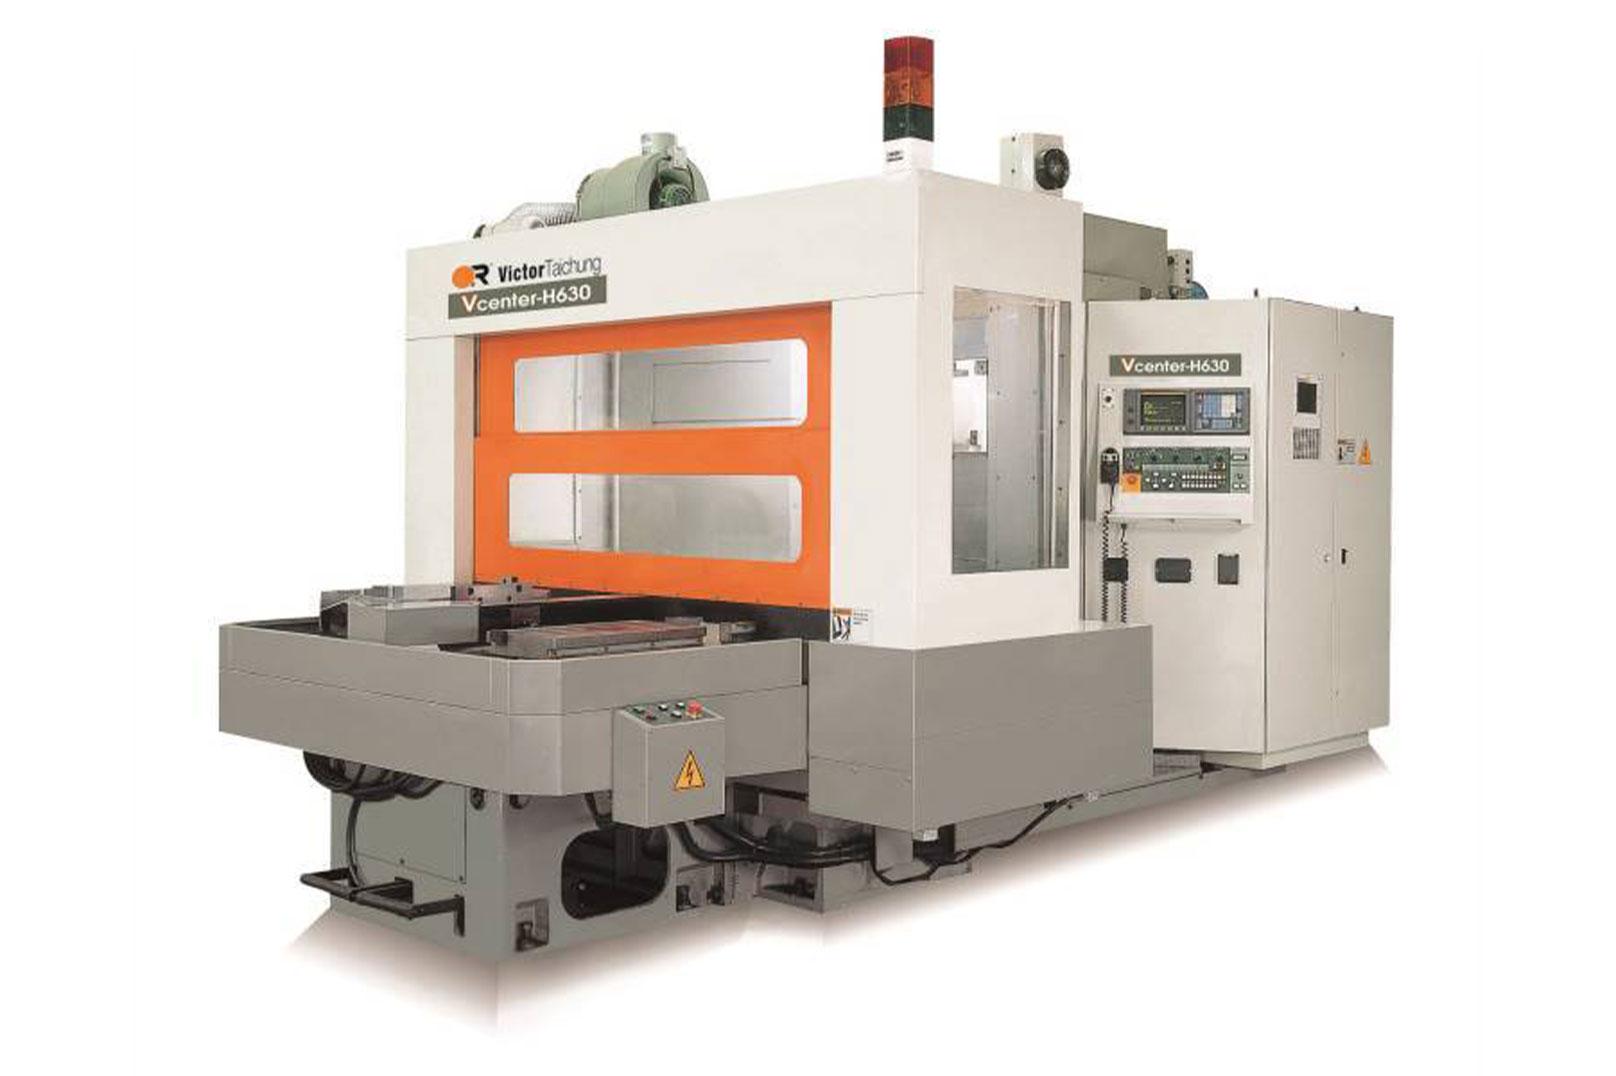 Victor H630 - Centro Lavoro Orizzontale